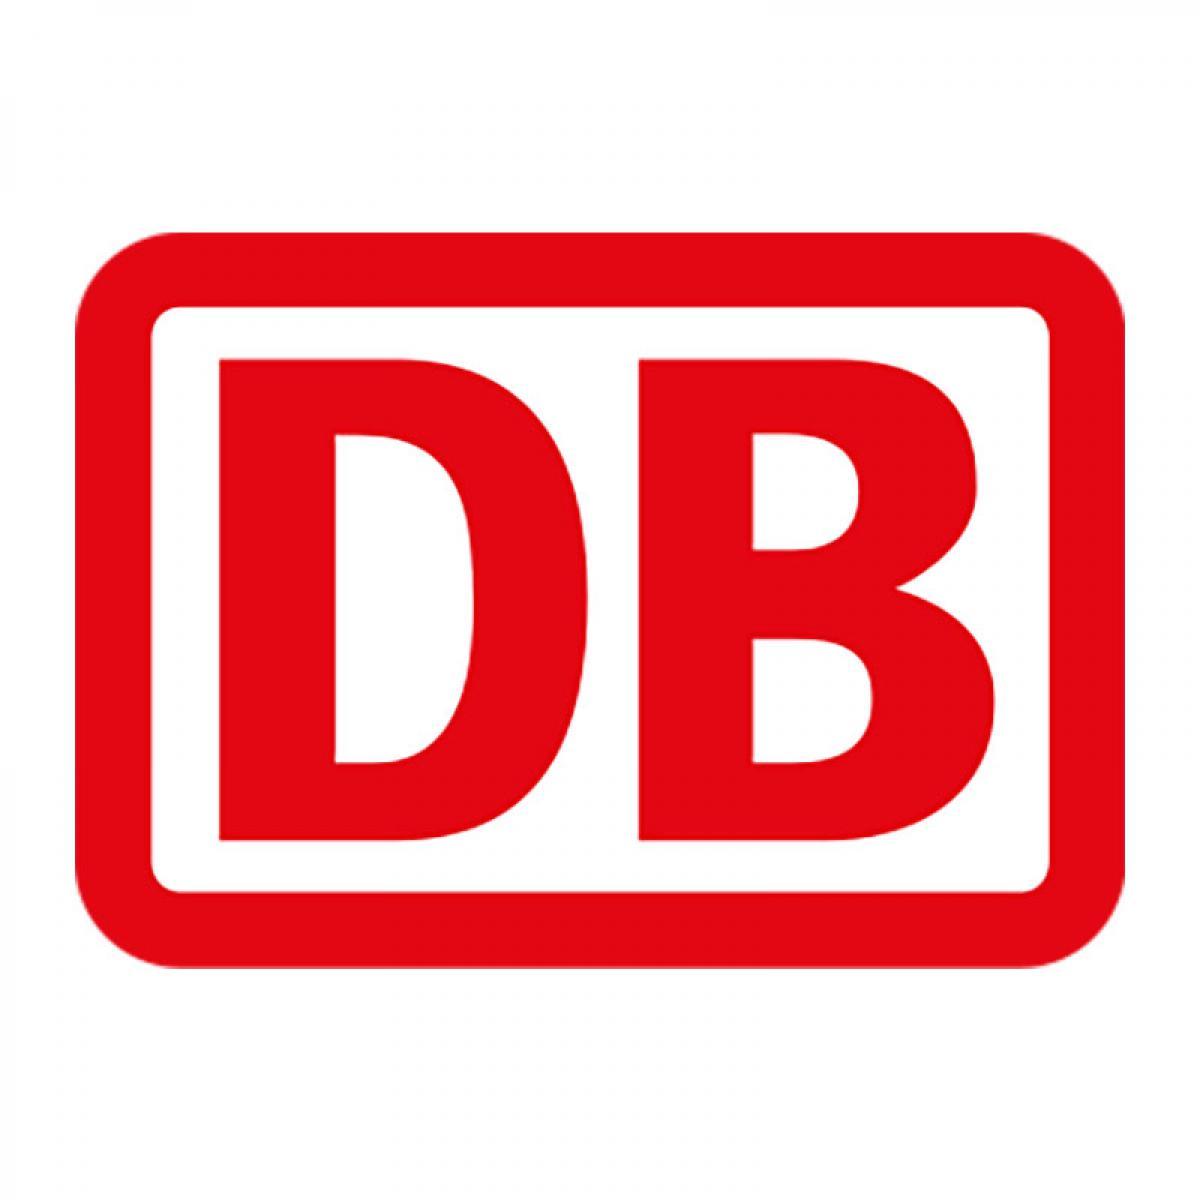 Colonia Nova - Deutsche Bahn